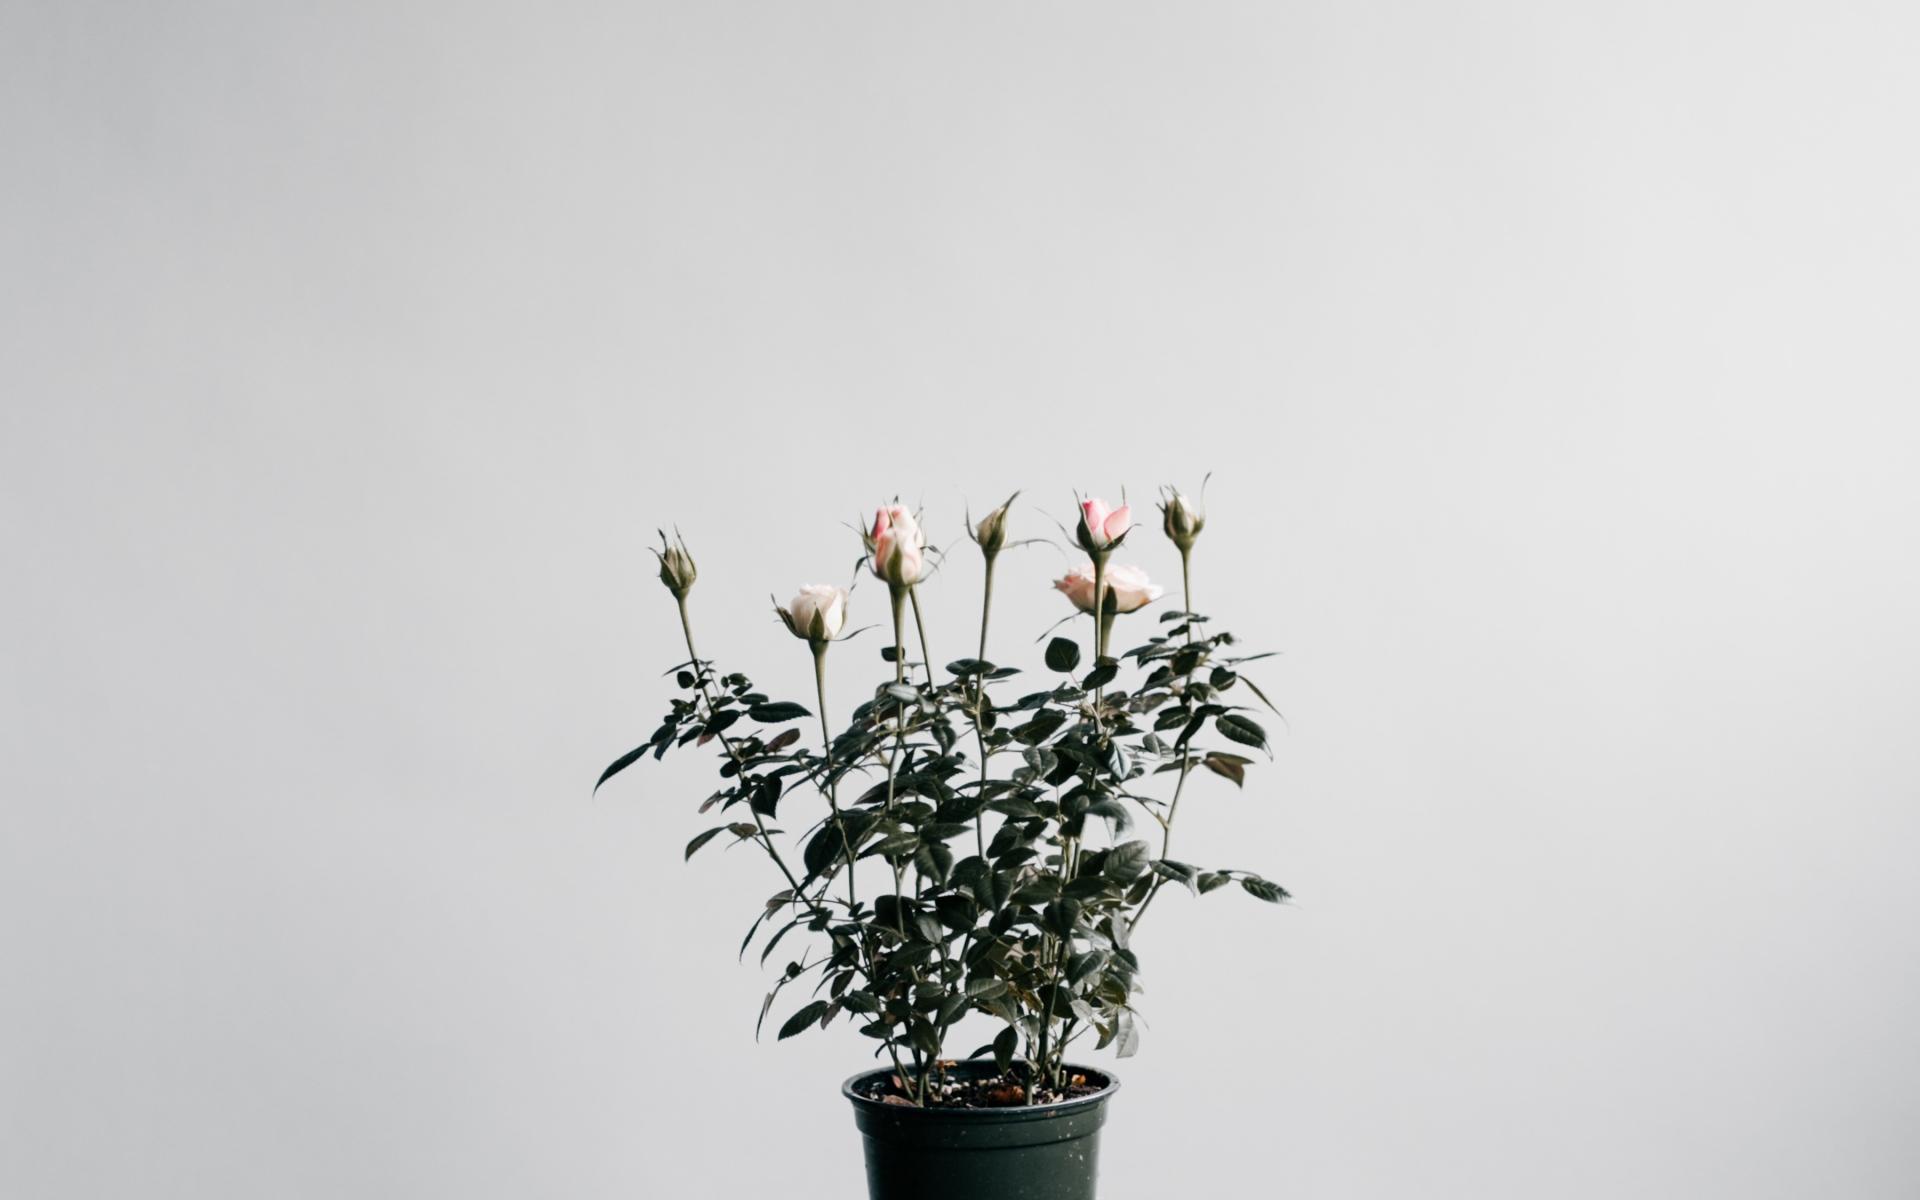 Картинки Розы, комнатное растение, горшок фото и обои на рабочий стол